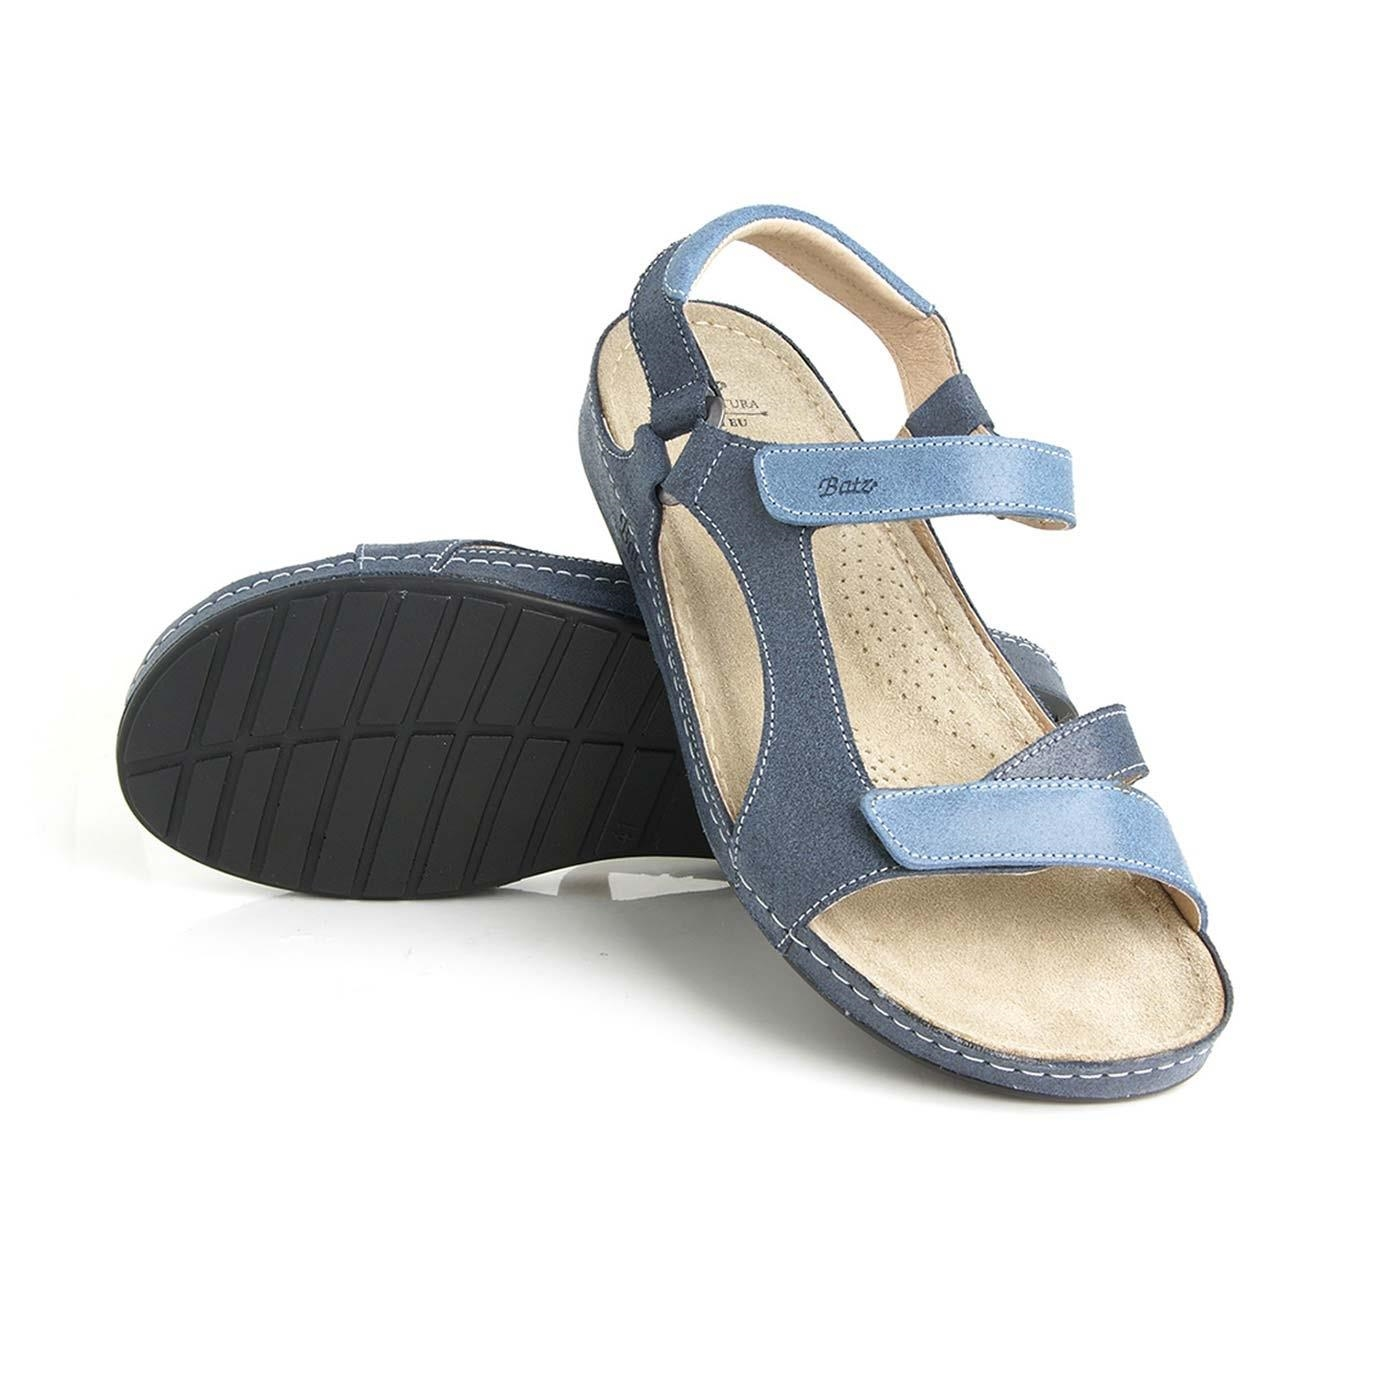 6910e7b887ec Batz dámske zdravotné sandále Tara Blue 41 - BIO a prírodná ...